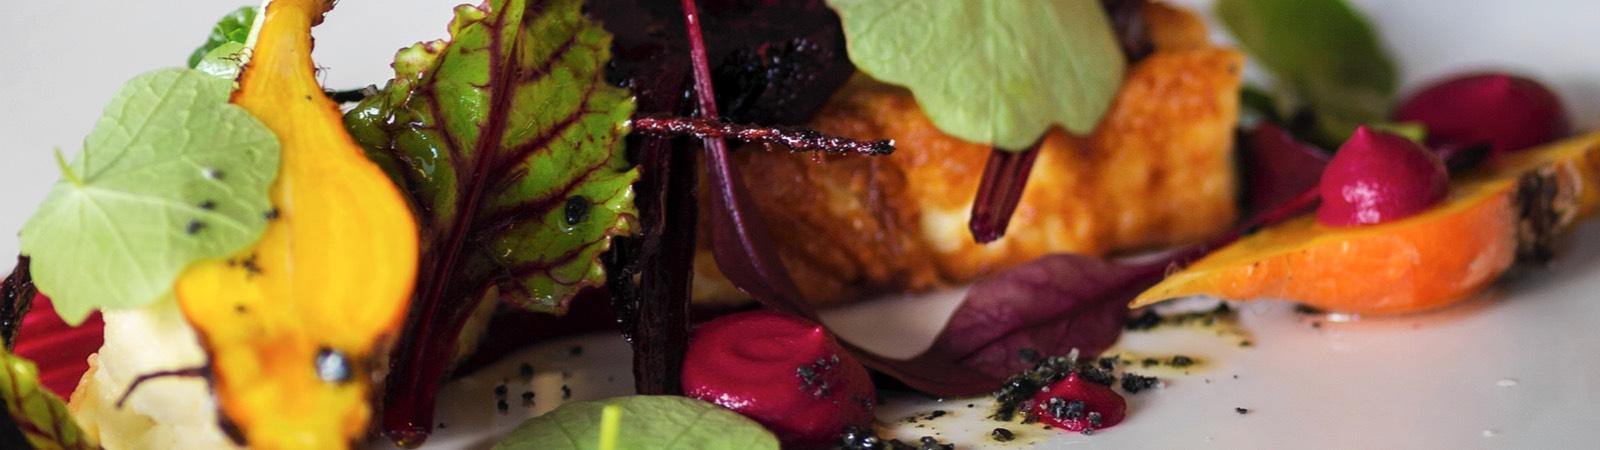 1600x450-restaurant-52.jpg